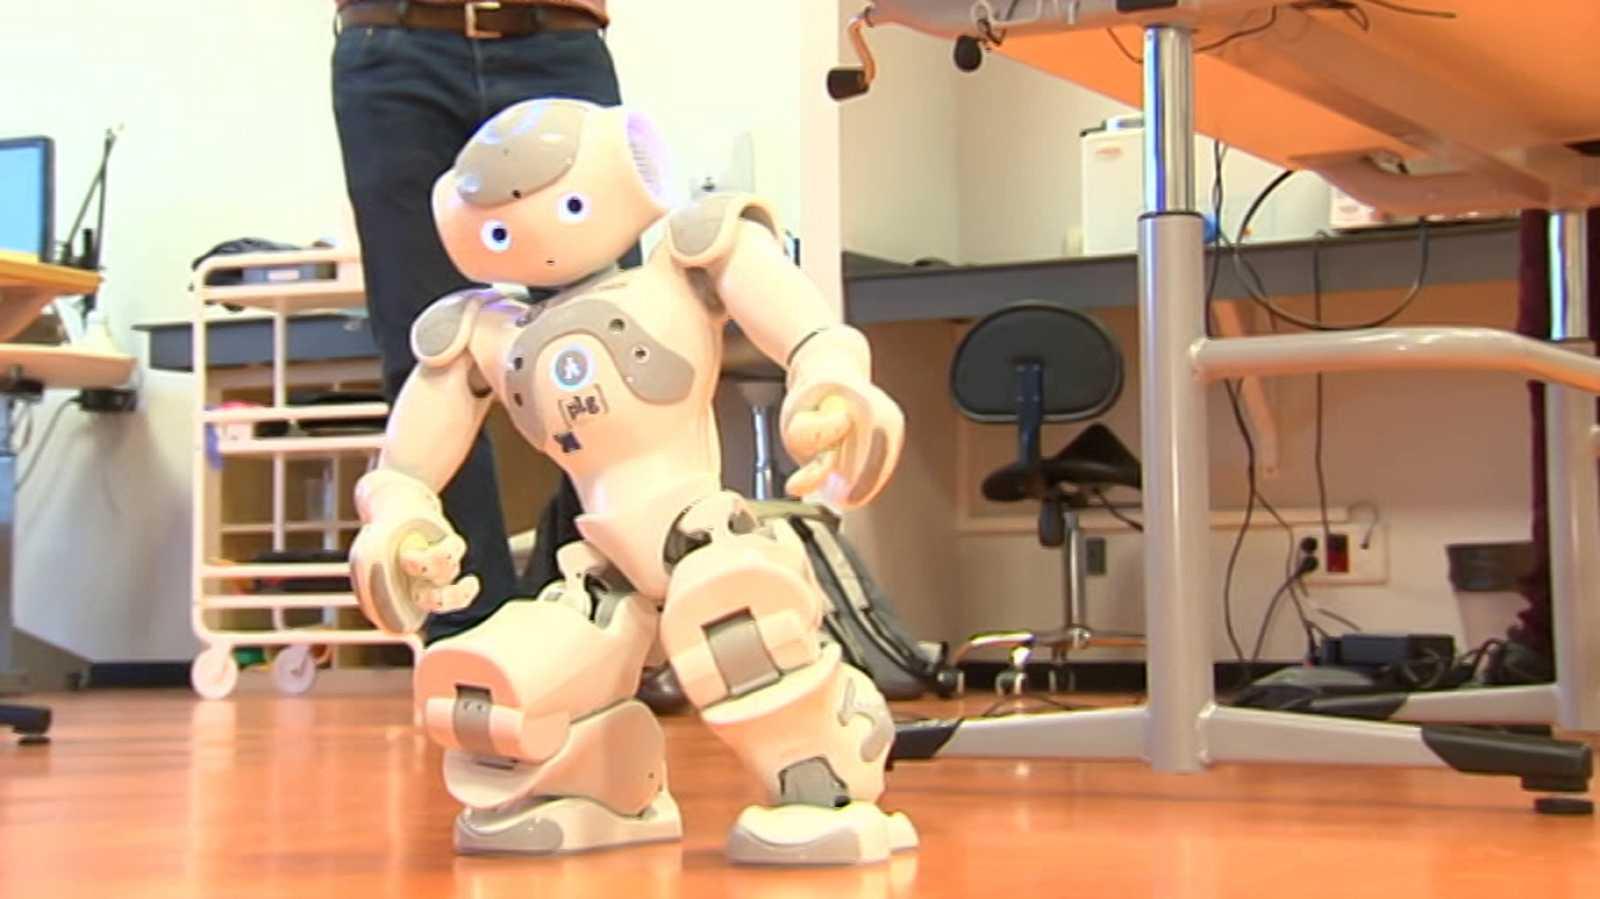 Lab24 - Rehabilitación robótica y Programados para durar - ver ahora